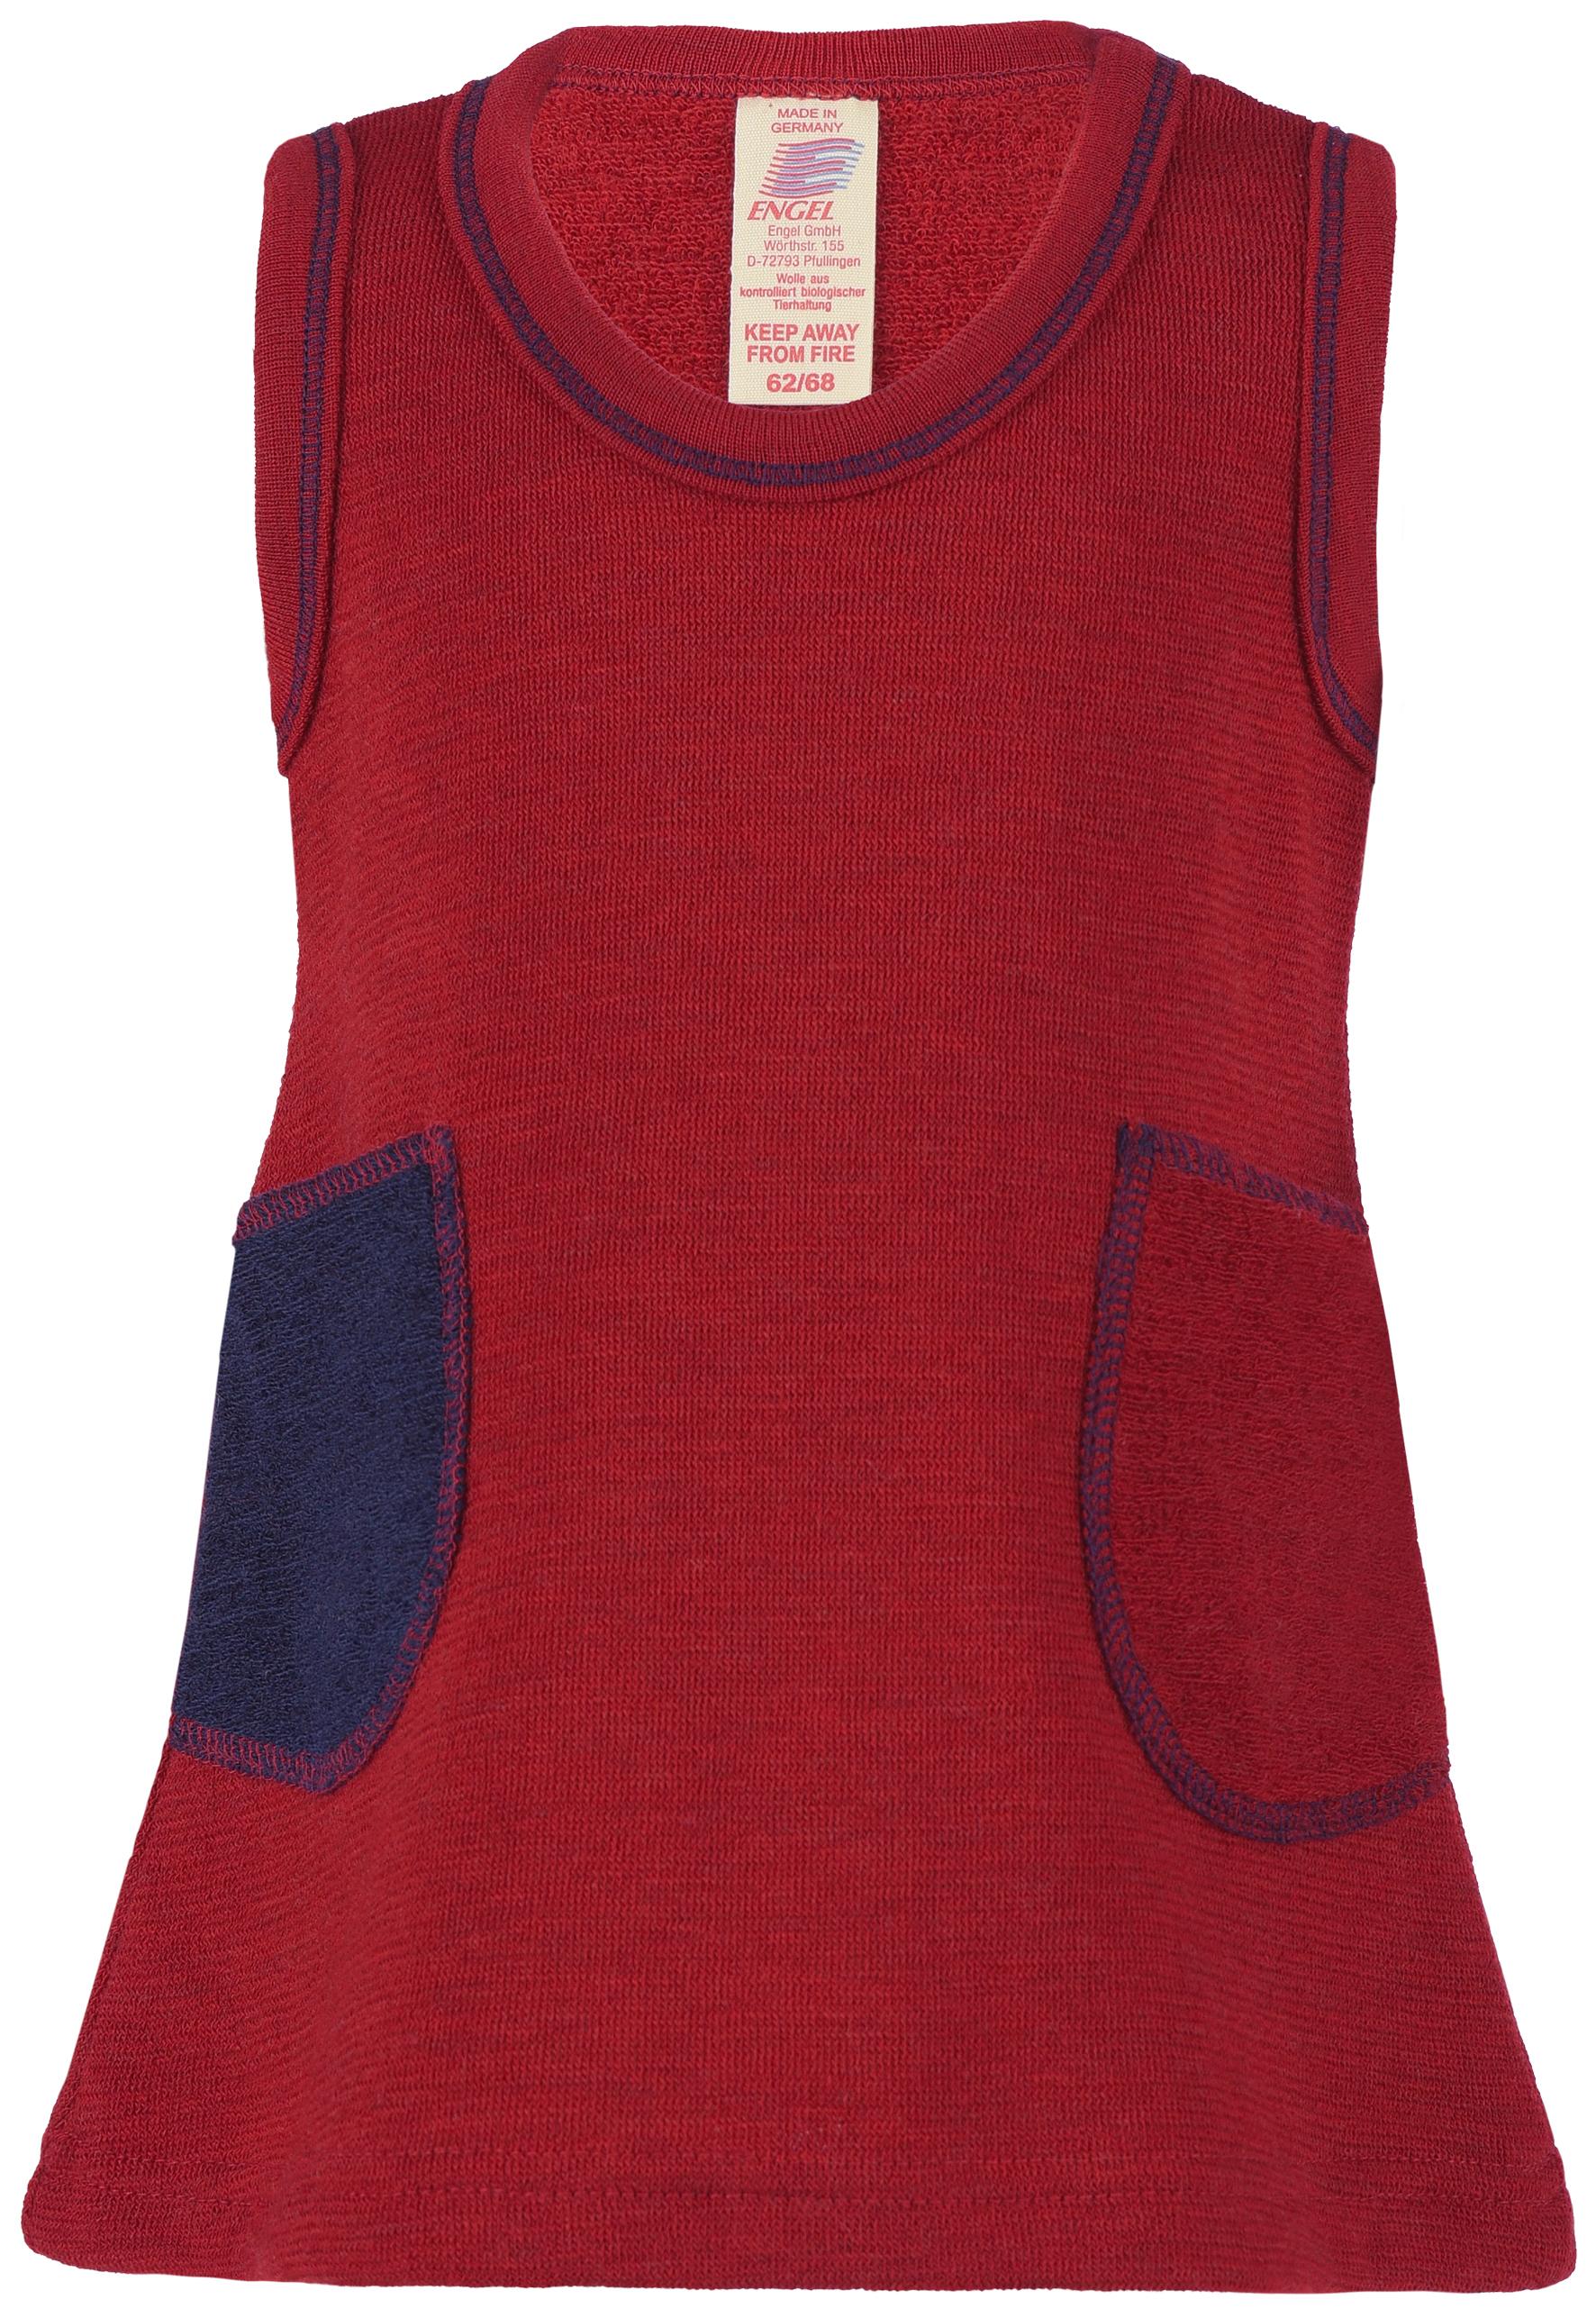 Robes et jupes ENGEL Nouveauté - ROBE sans manches Trapèze Rouge (74-116)